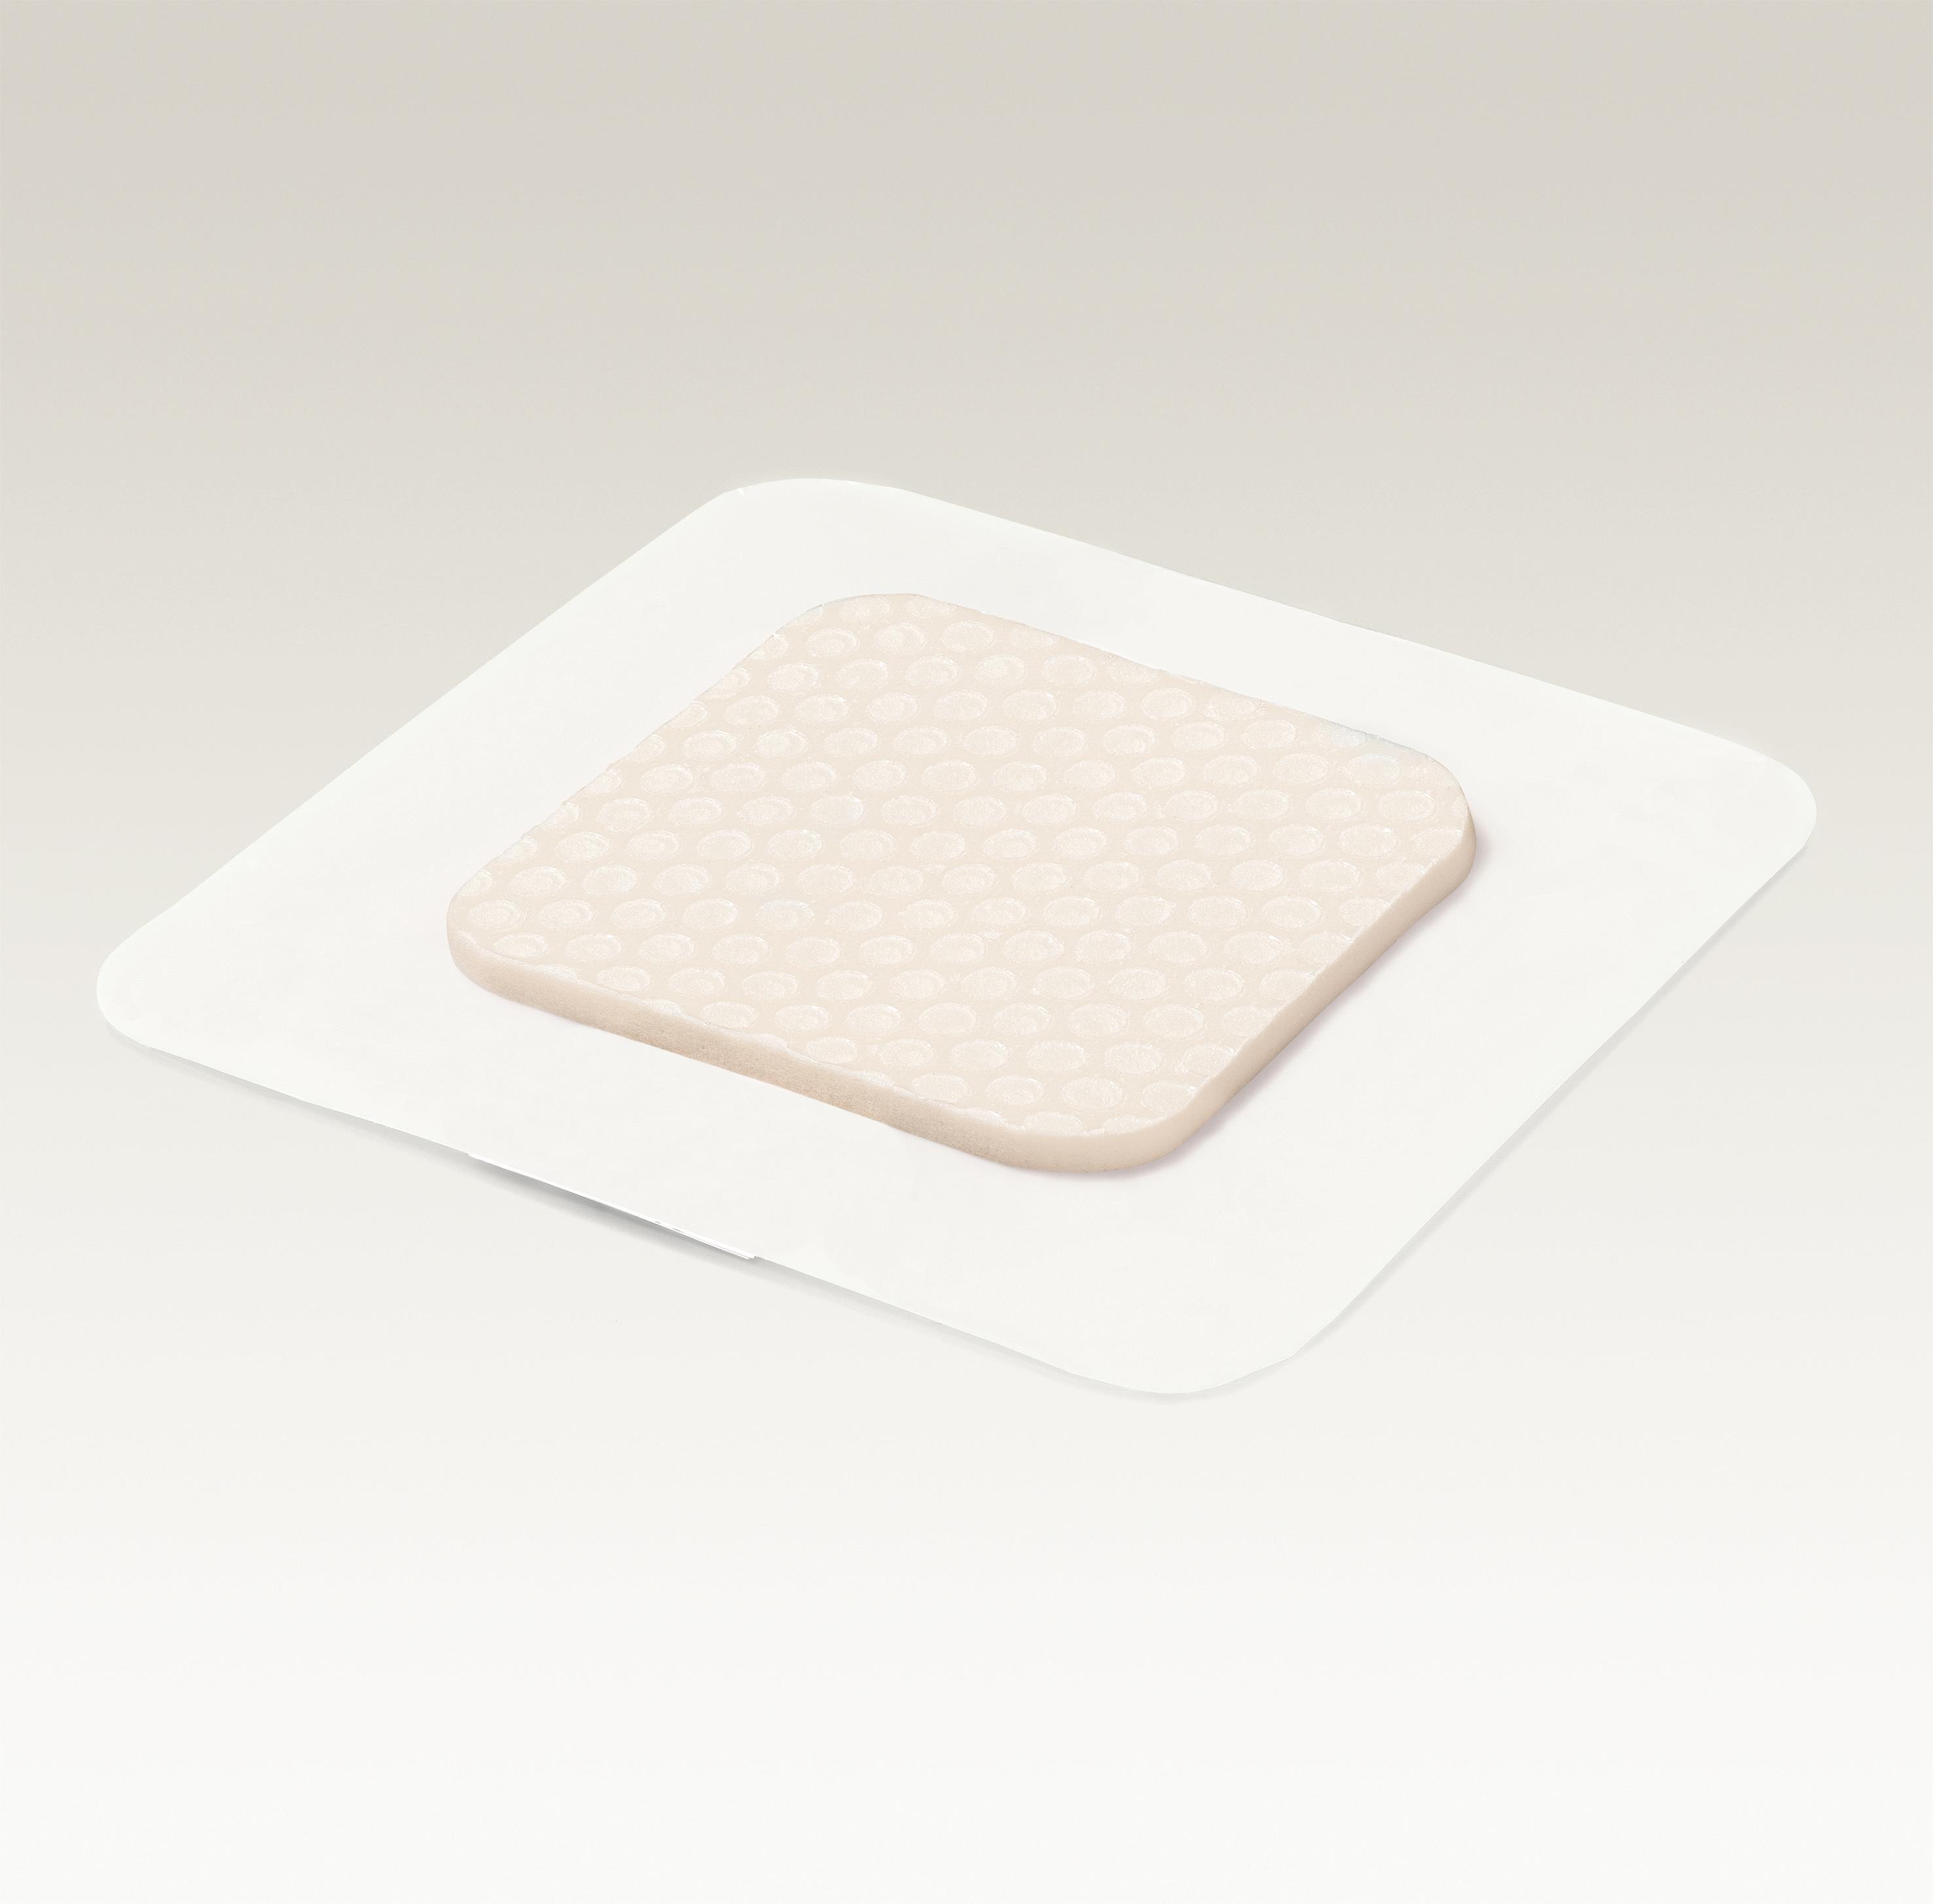 Image HYDROTAC COMFORT pans hydrocellulaire adhésif stérile avec interface hydrogel